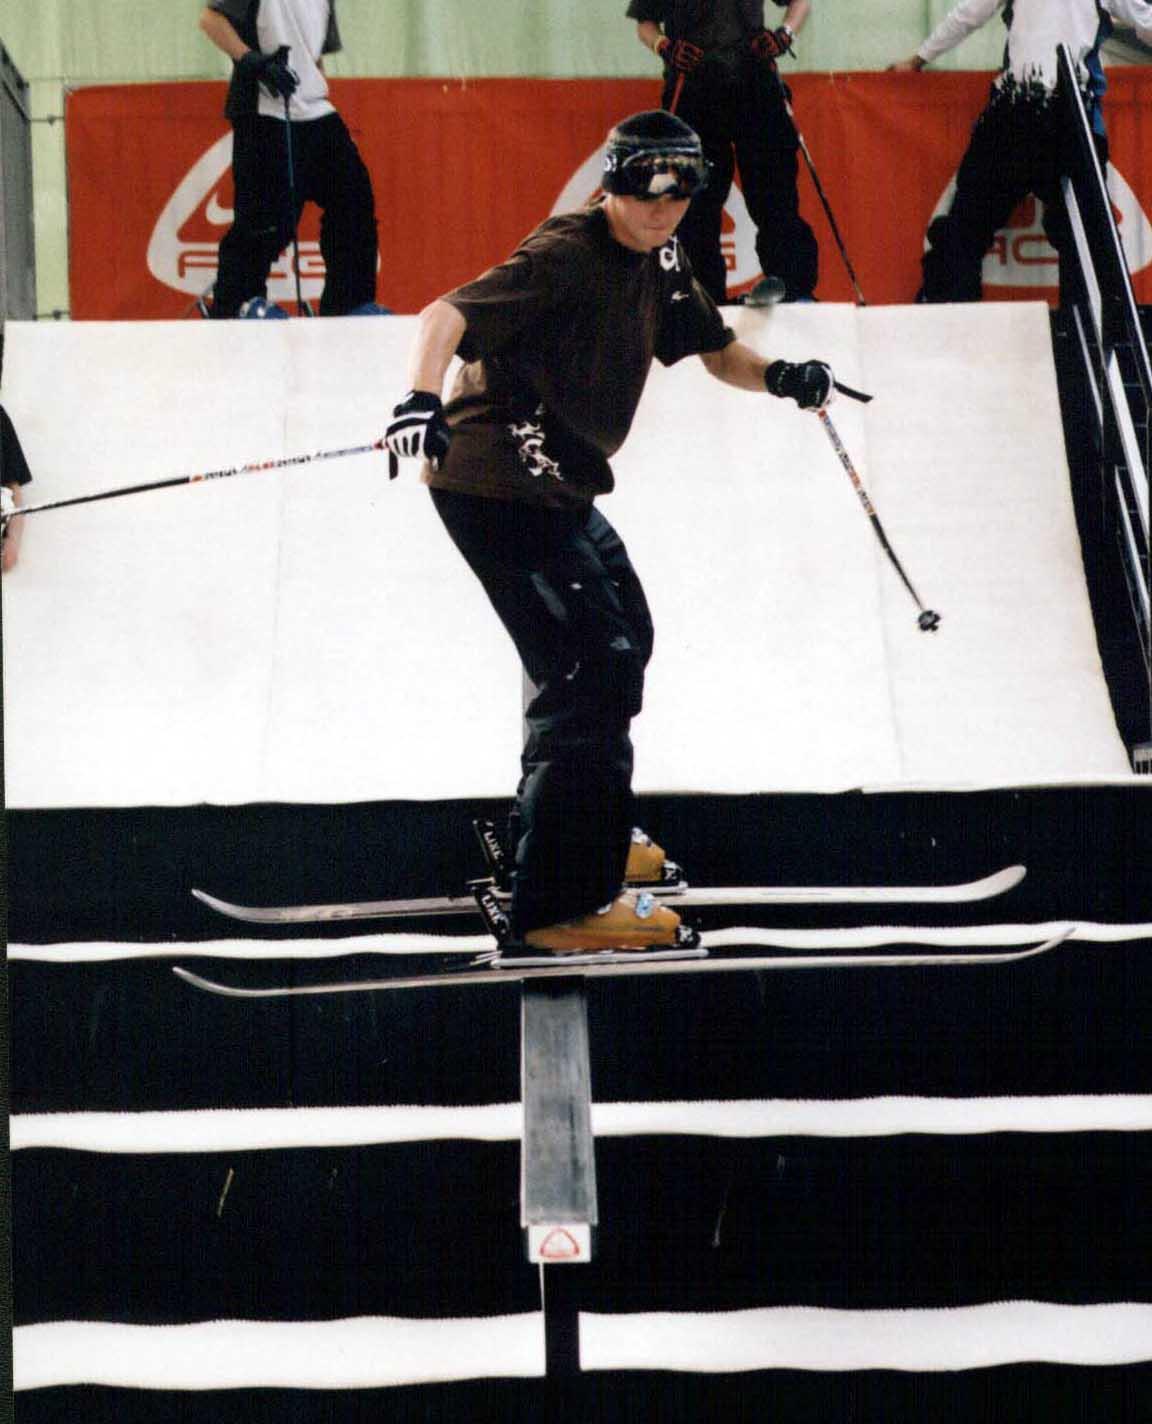 Nike ACG rail jam, London Ski Show 04